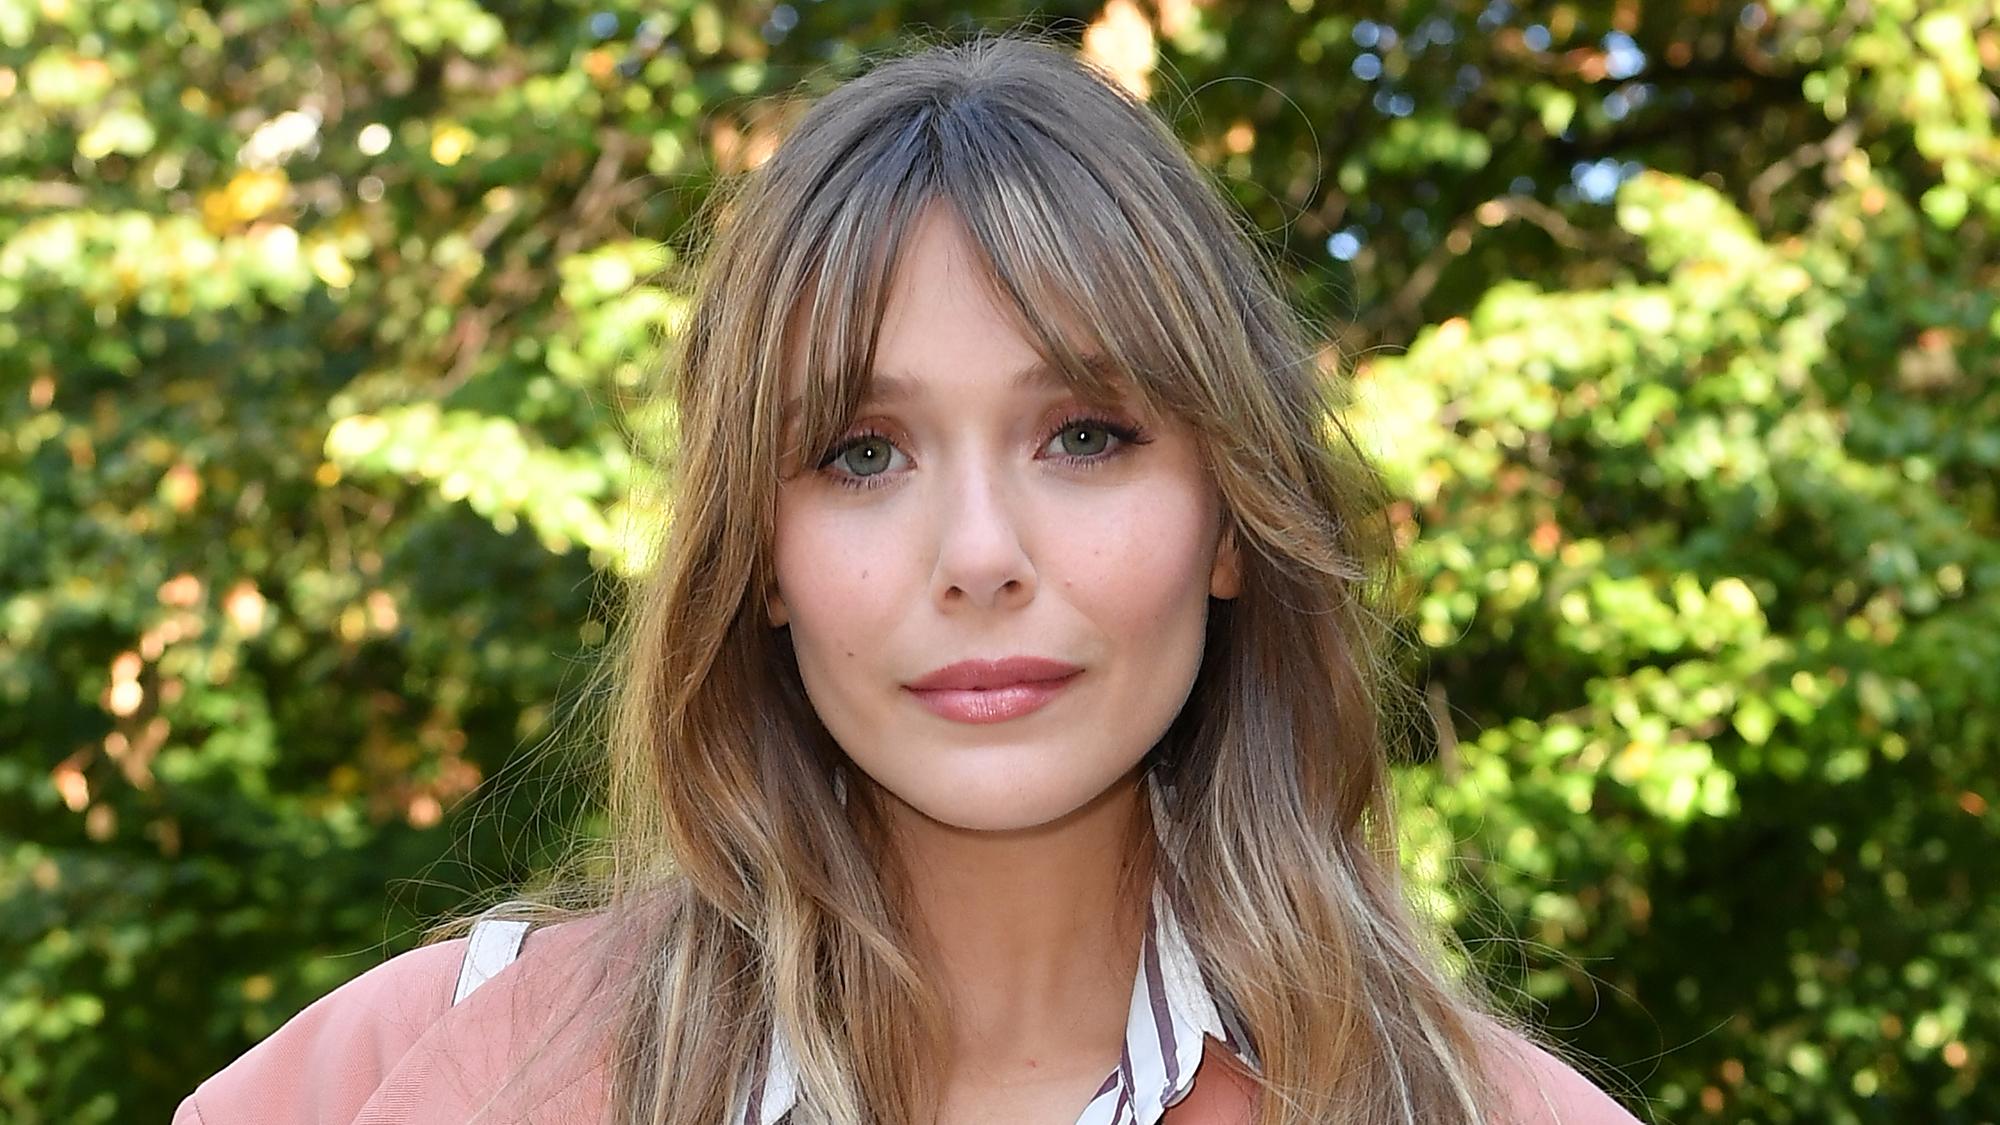 Elizabeth Olsen's 6 Best Bangs Hairstyle Moments